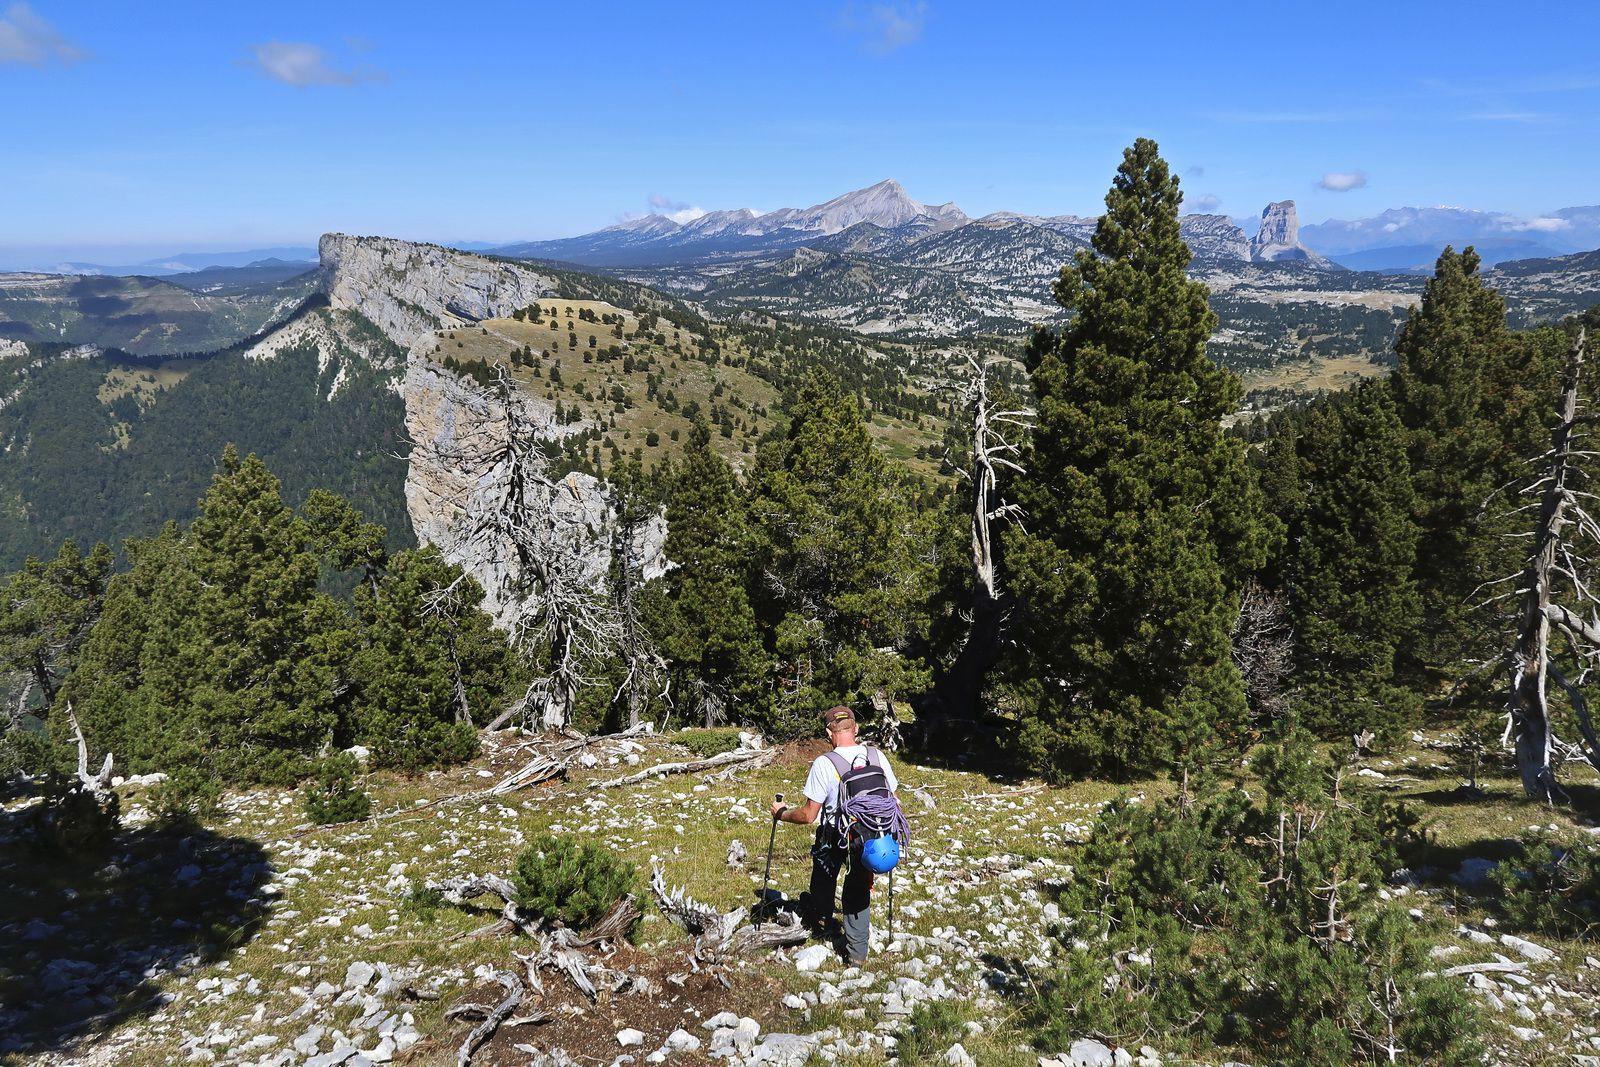 Le but est de rejoindre le col des Bachassons, situé entre le Rocher de Plautret (en haut à gauche), et le Rocher Carré. Pour cela, on pourra couper à travers les pentes herbeuses bien visibles sur le Rocher Carré.